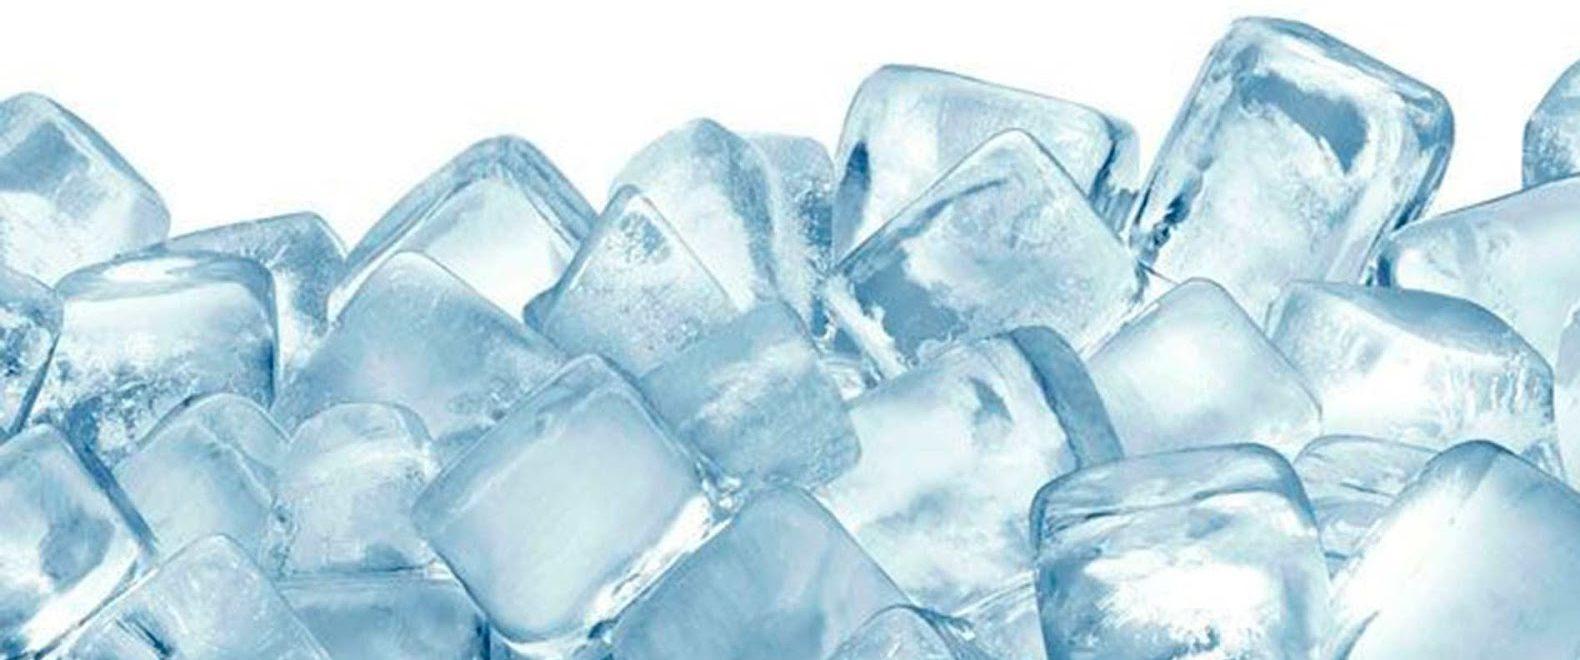 soñar con abundante hielo